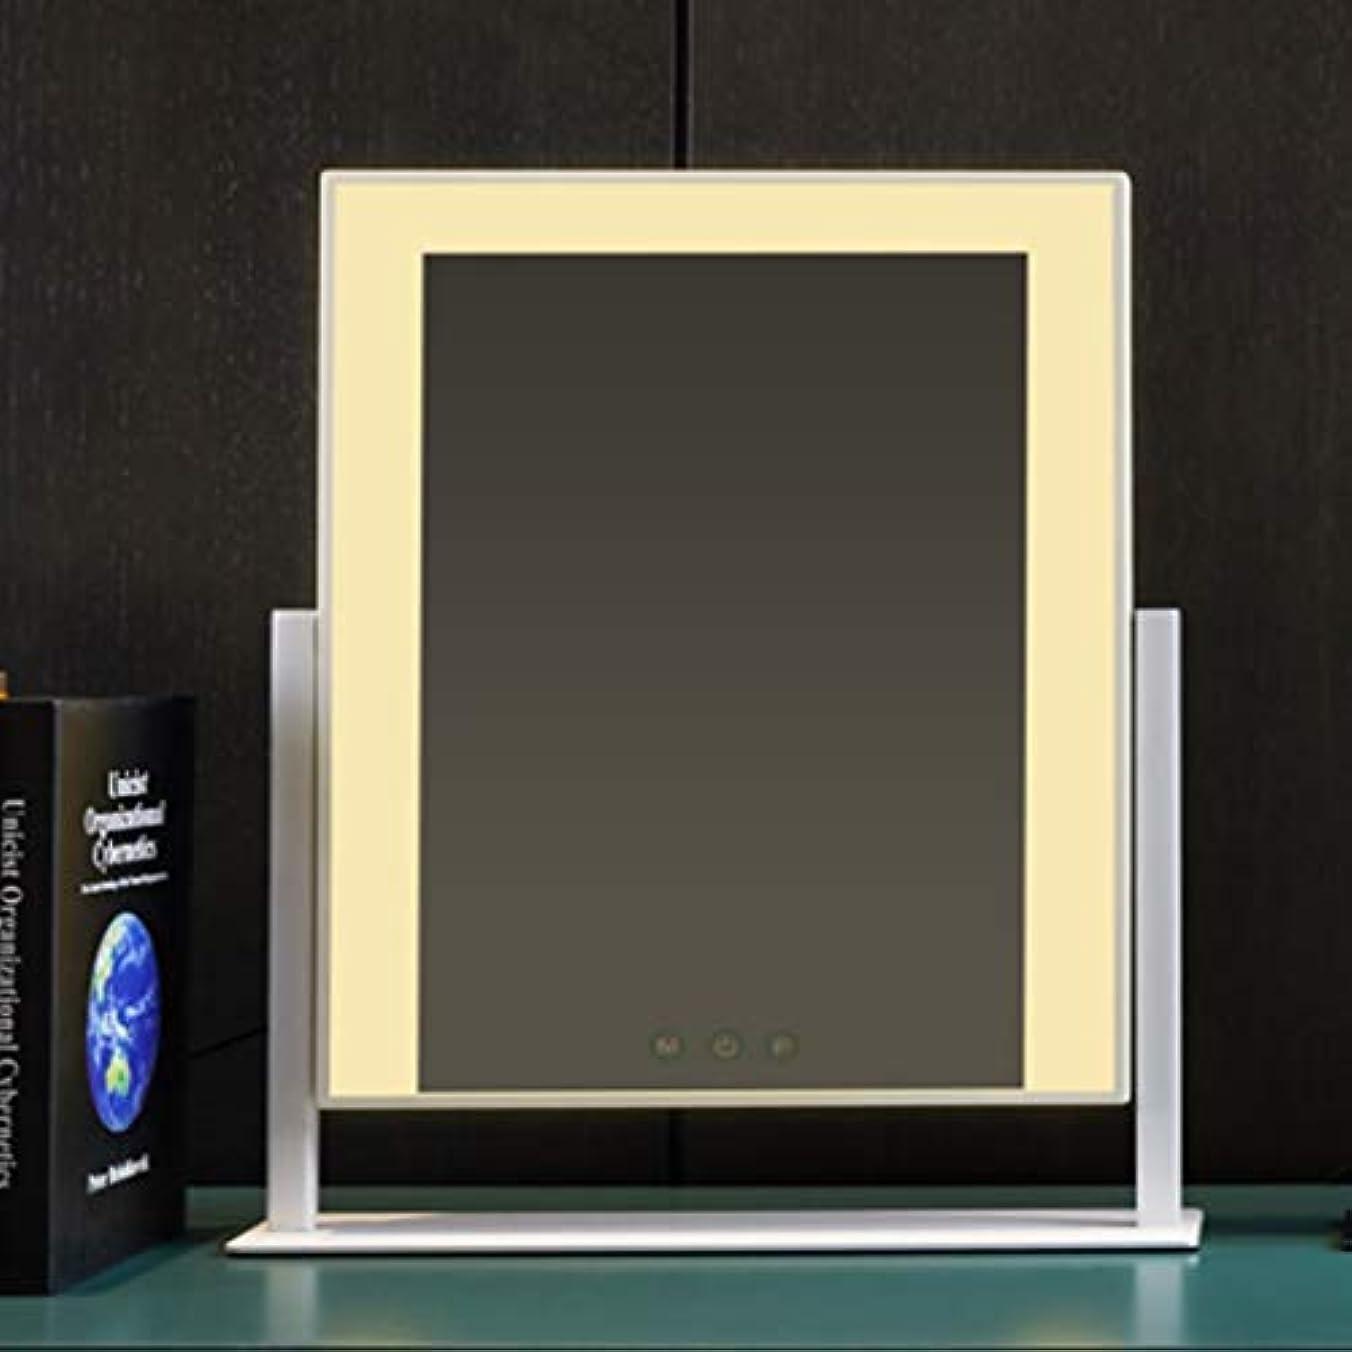 に渡って大統領イディオムフィルライトled化粧鏡デスクトップ、照明付き充電ミラー、デスクトップ大型電球化粧鏡 (Color : White)